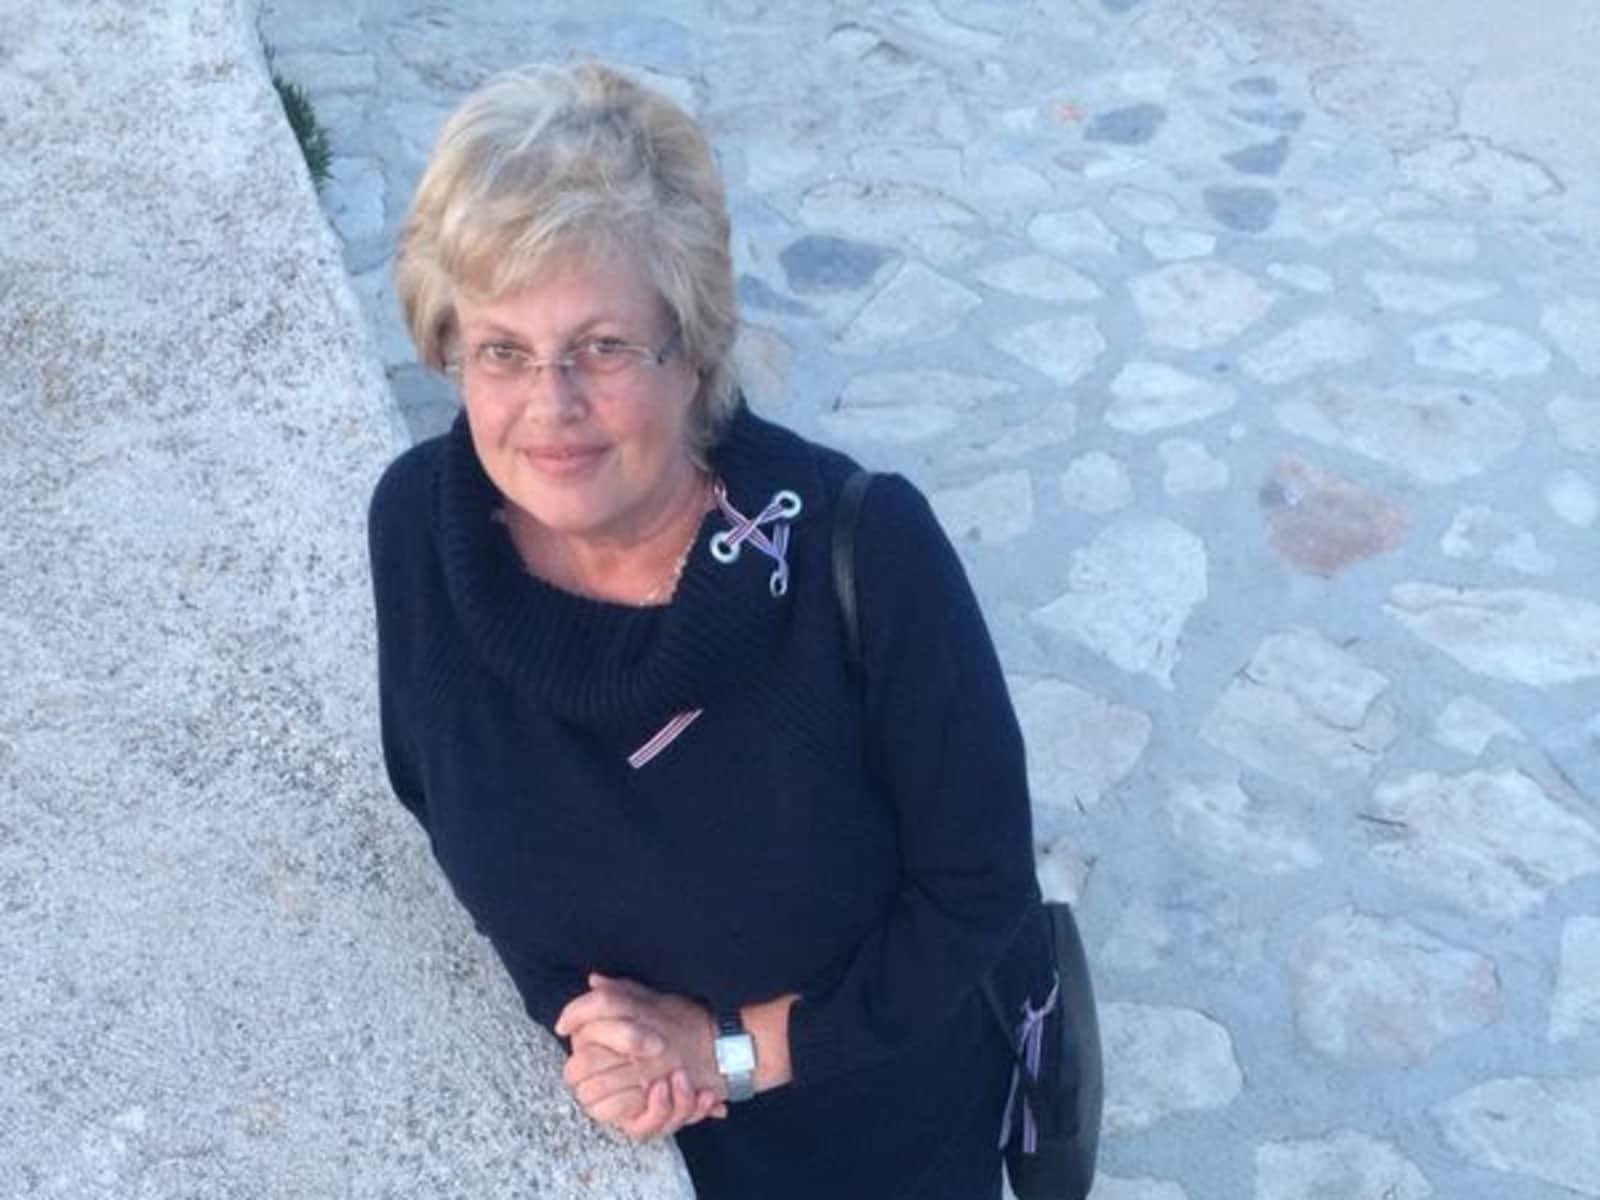 Grete from Vienna, Austria